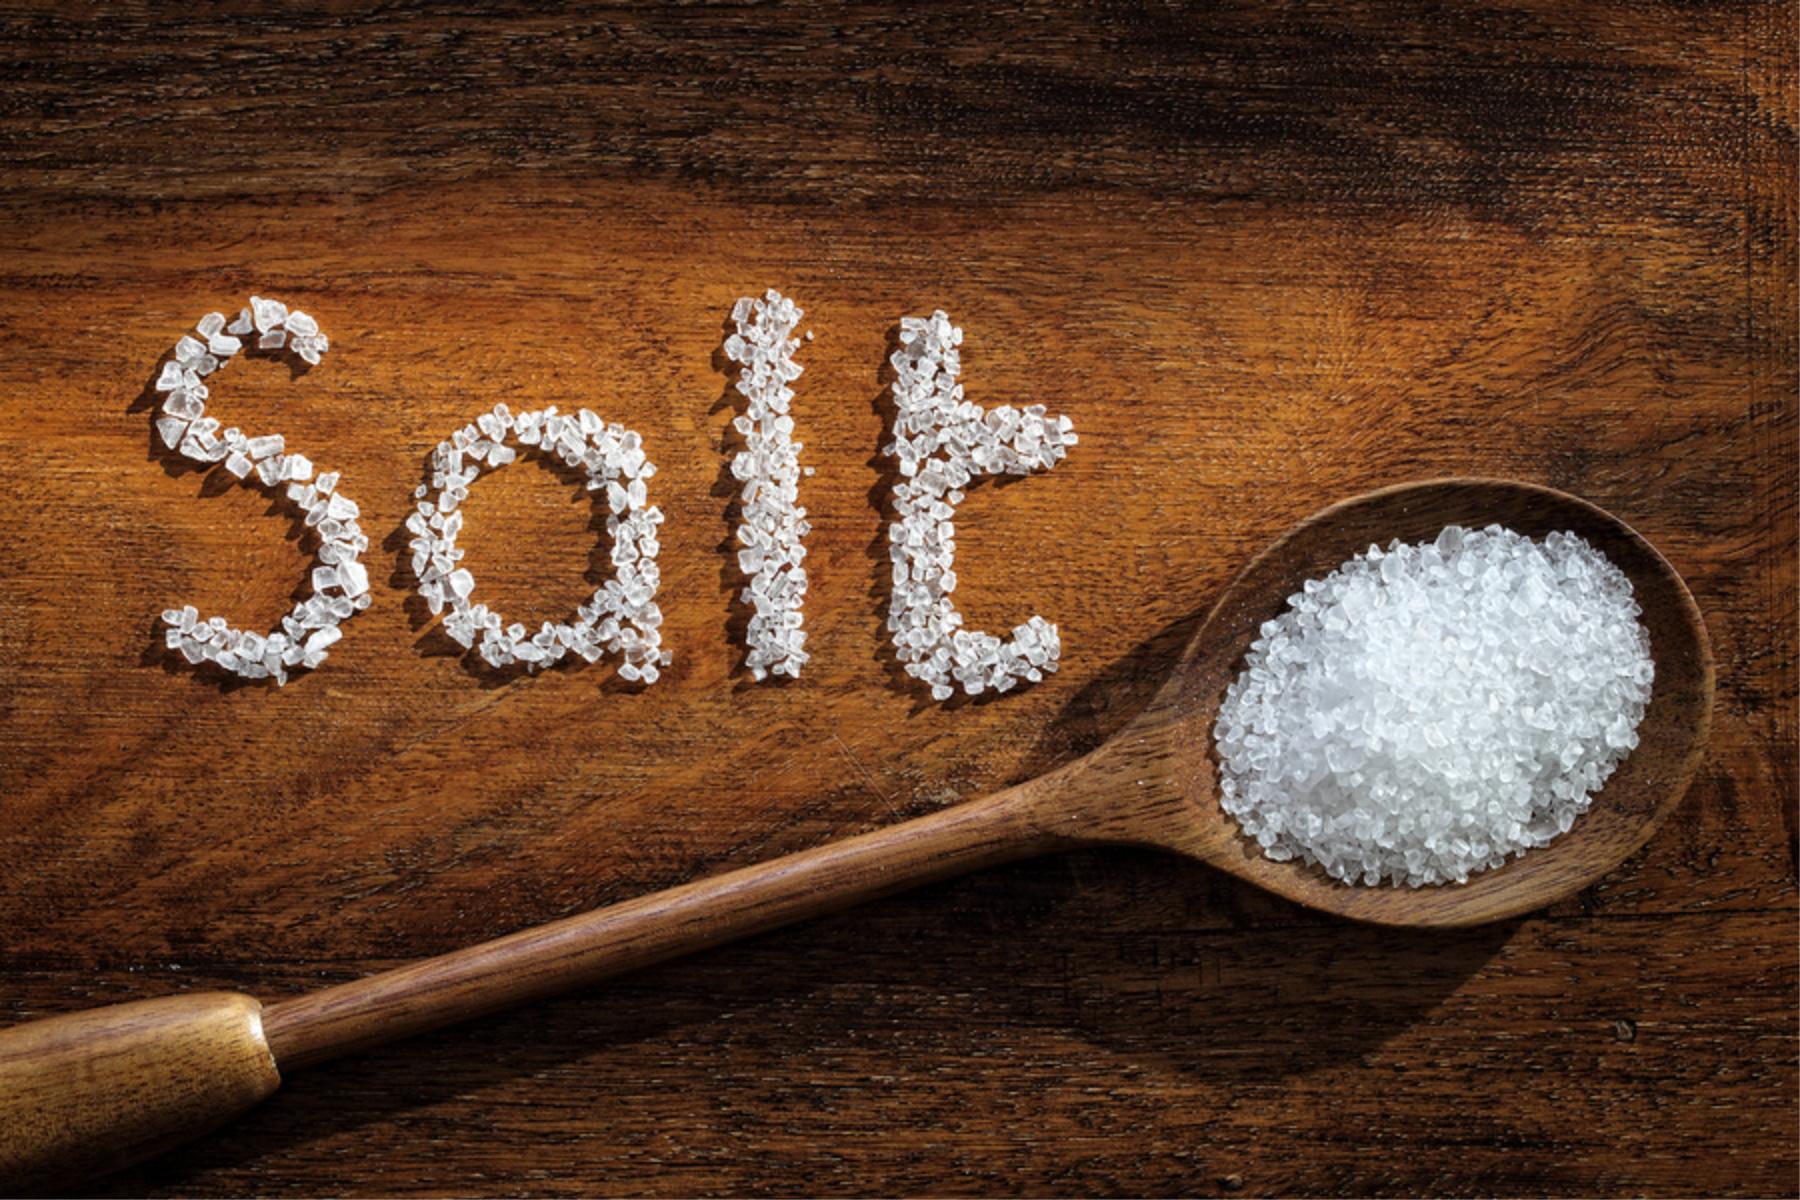 Home Care in Marysville CA: Senior Salt and Sugar Consumption